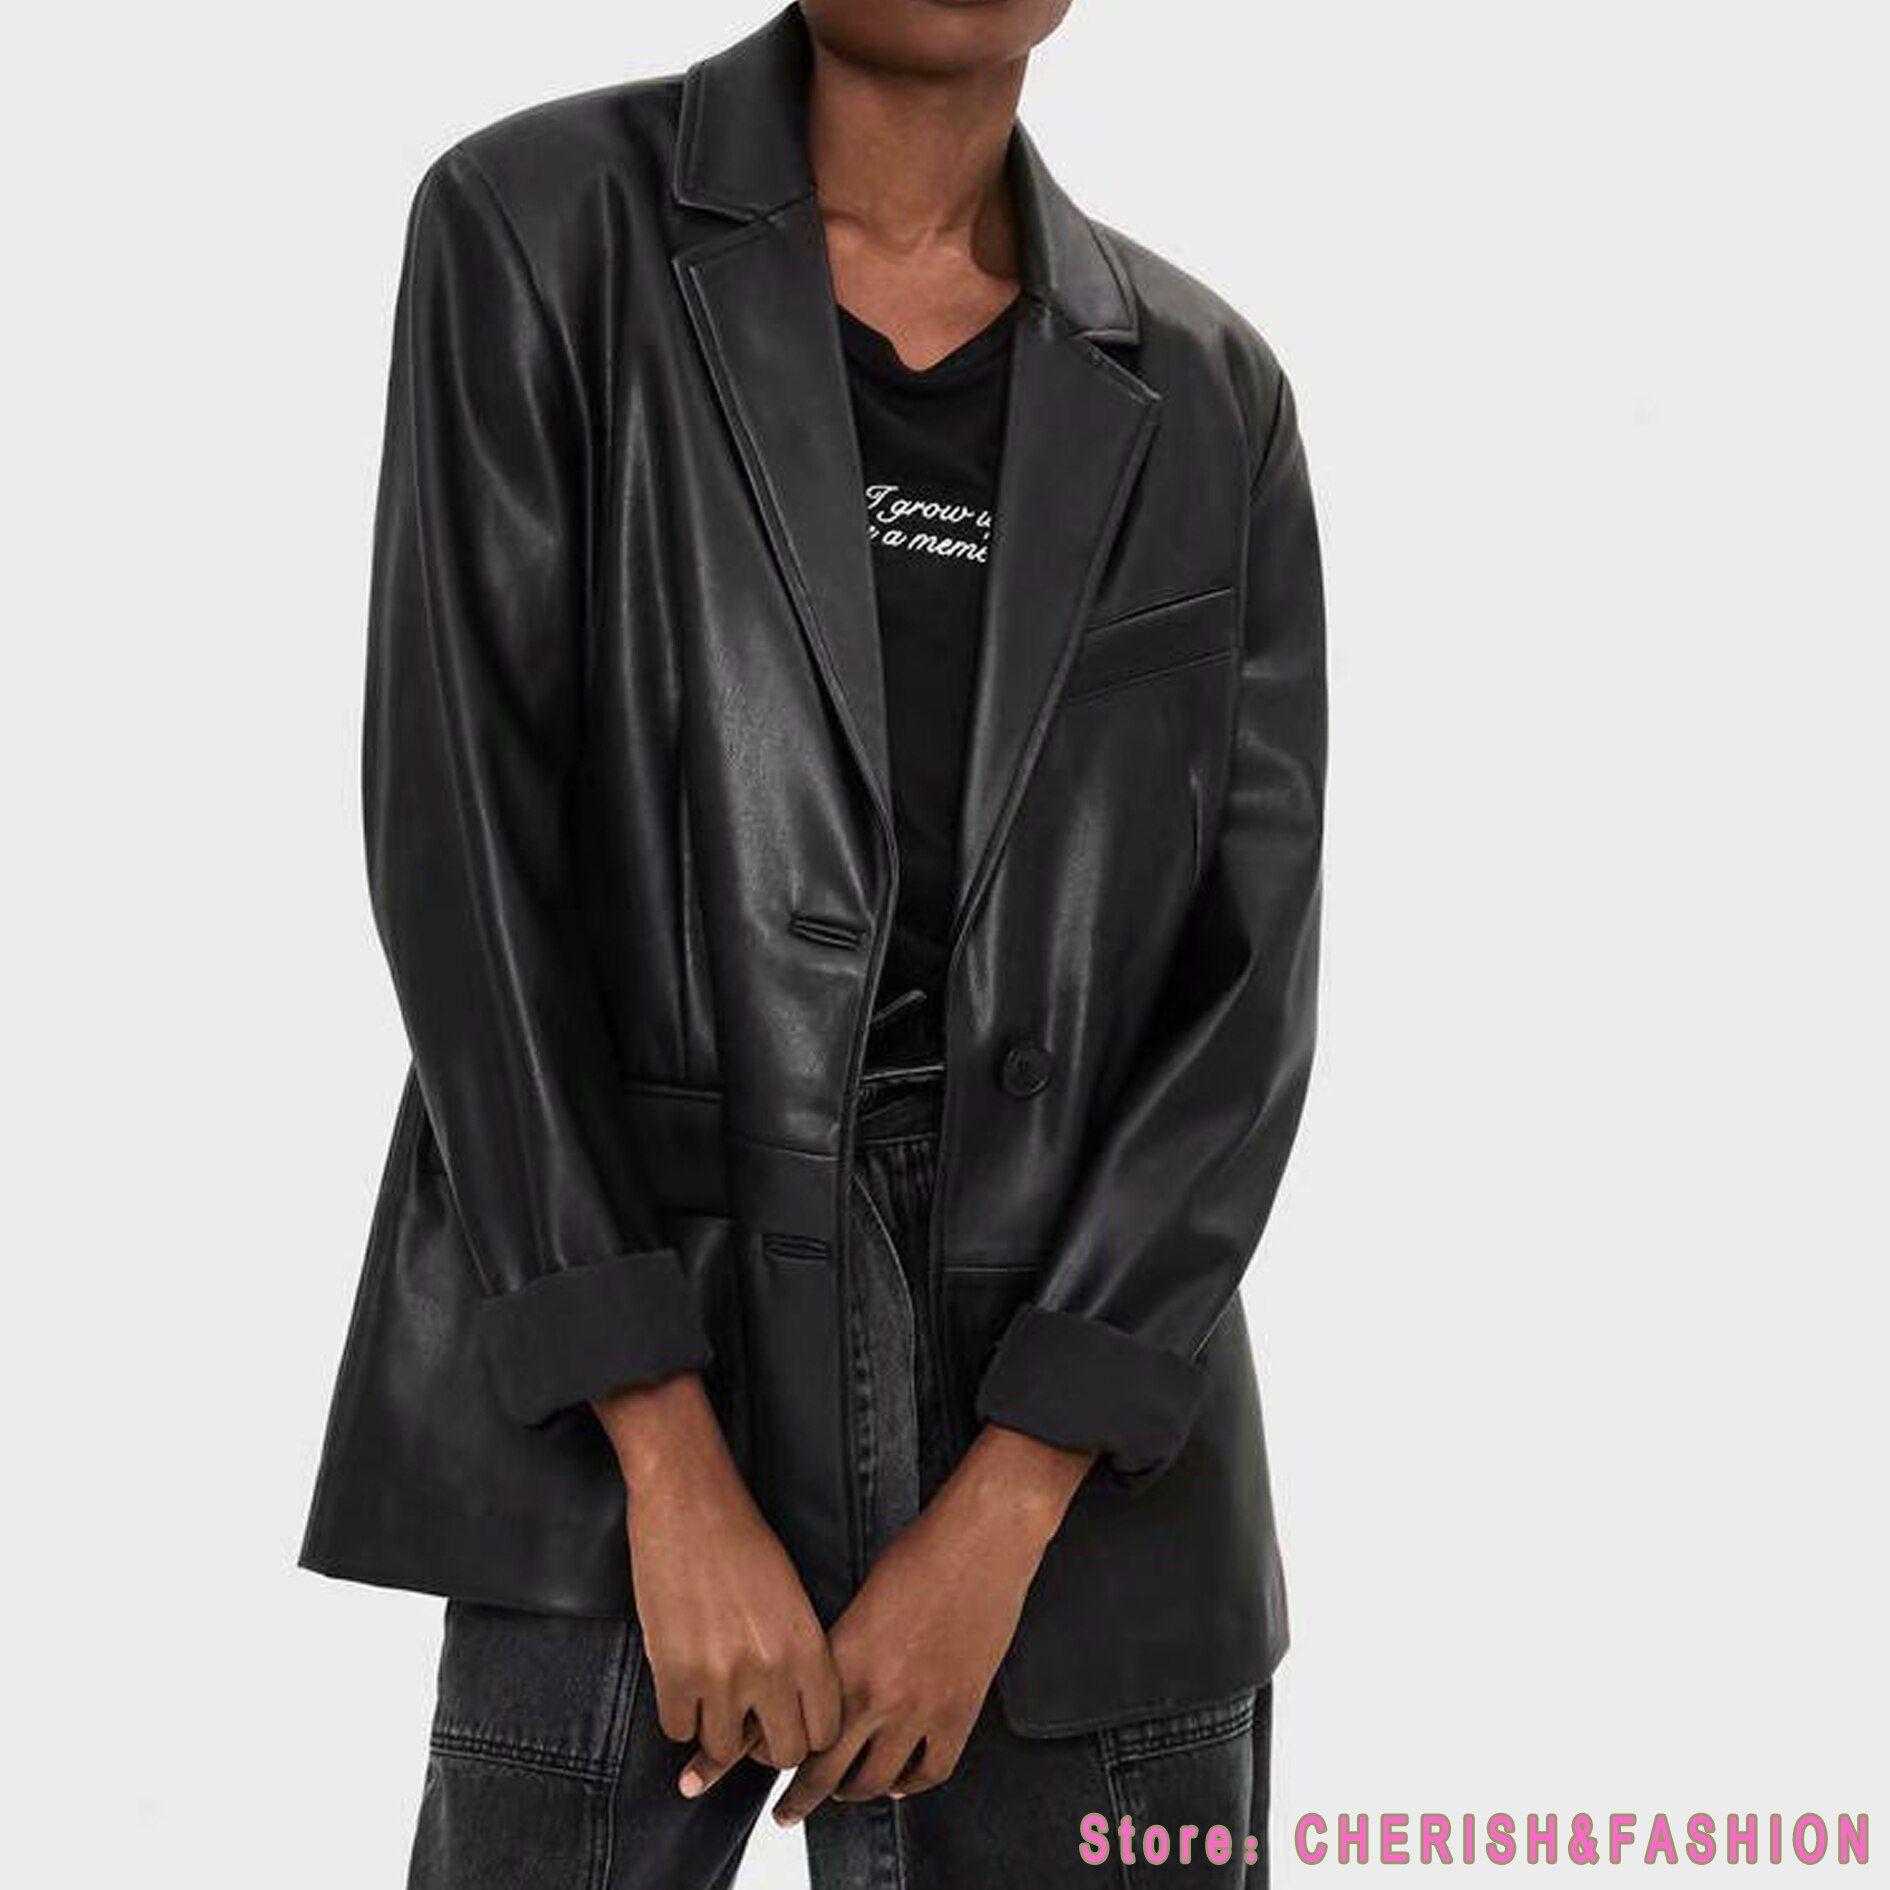 Loose Pu Faux Leather Blazers Women Leather Jacket Coat 2021 New Women S Jackets Outerwear Ladies Coa In 2021 Leather Blazer Women Leather Jackets Women Leather Blazer [ 1890 x 1890 Pixel ]